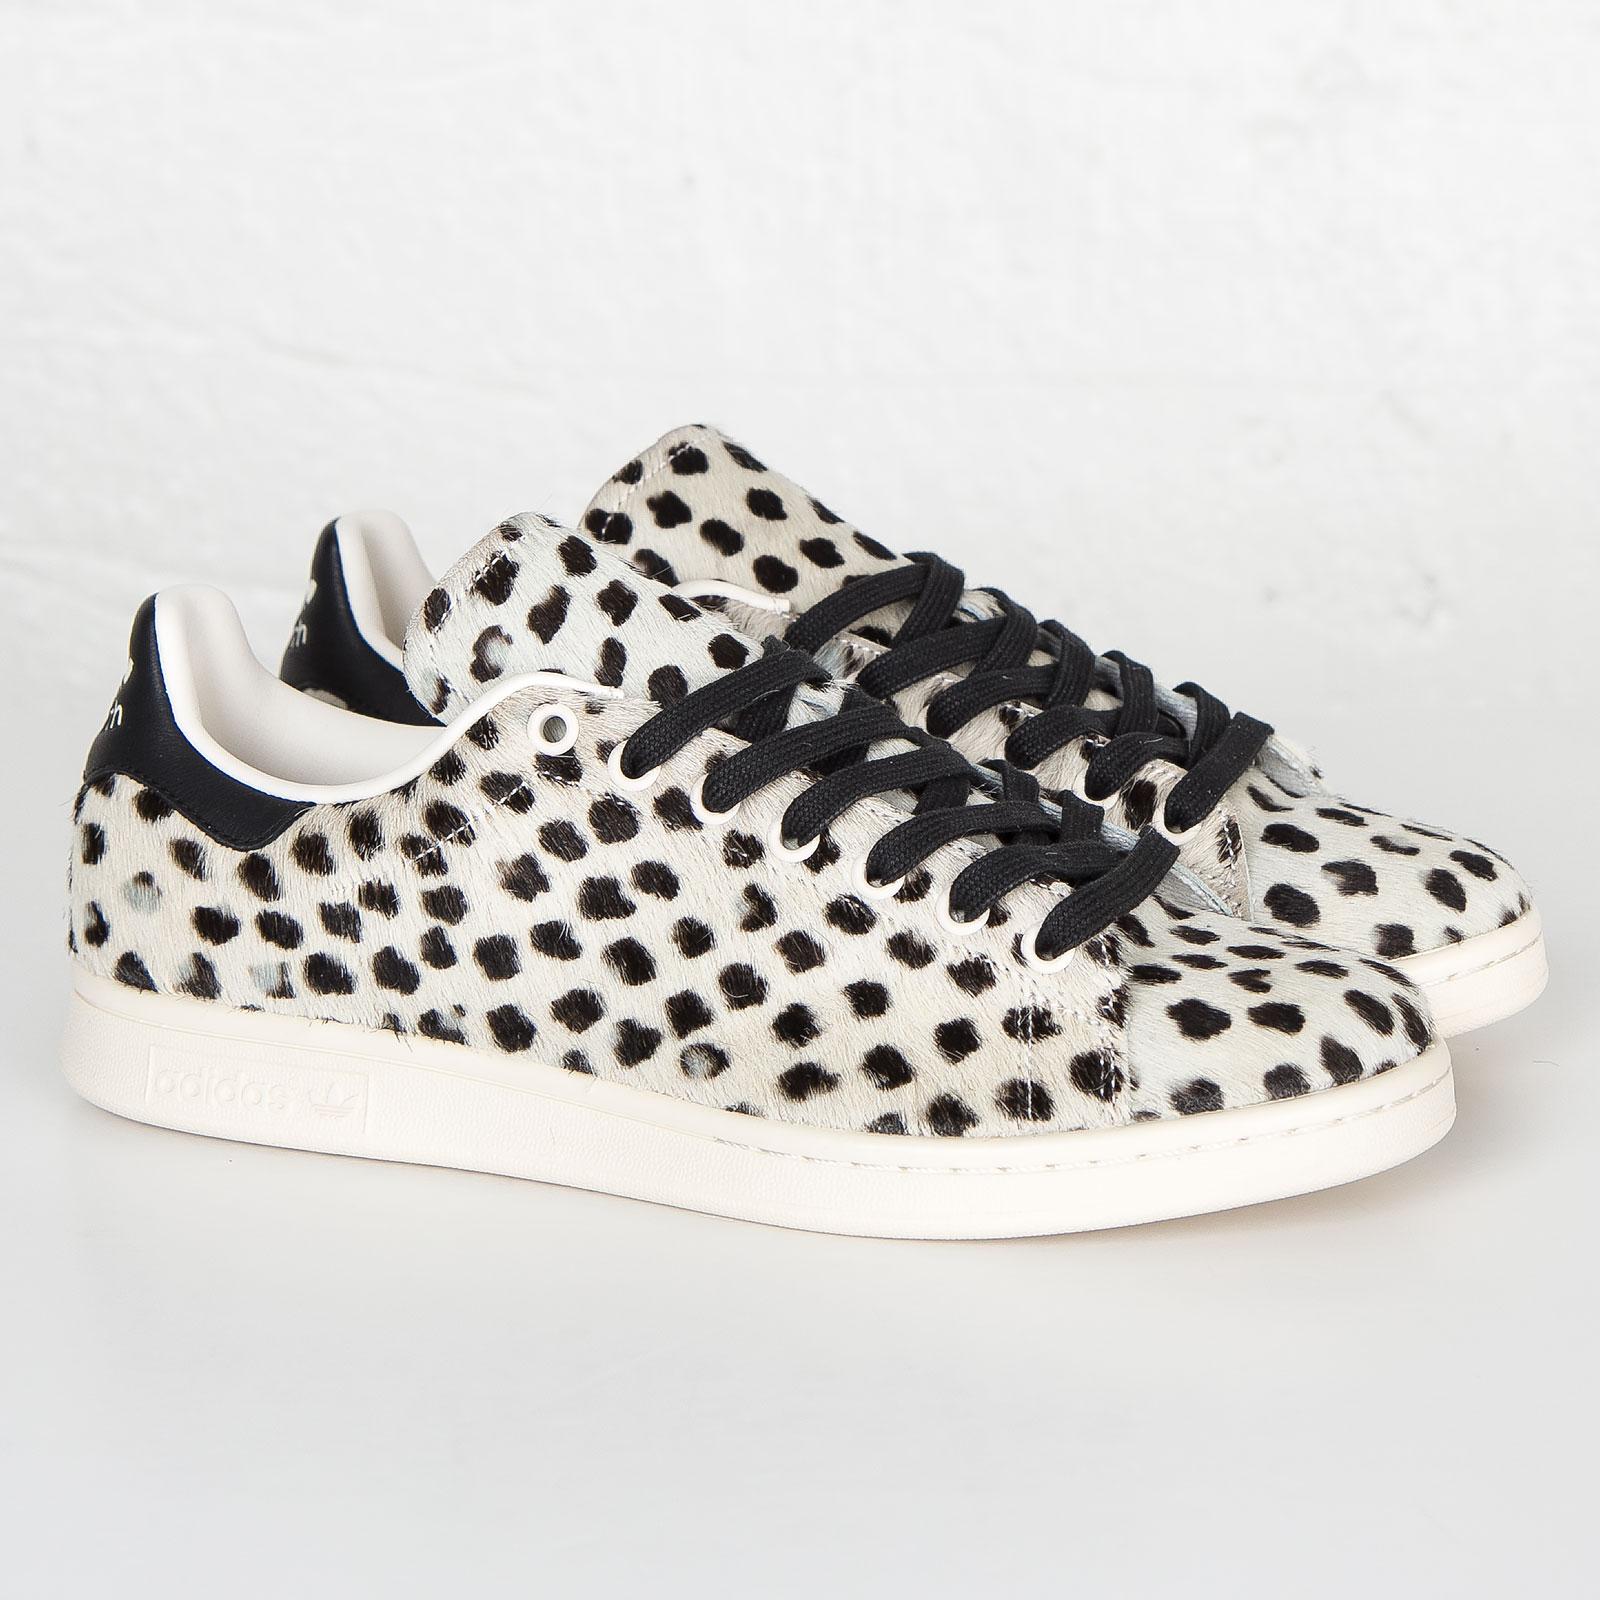 acheter pas cher nouvelle arrivée chaussures décontractées adidas Stan Smith - S75117 - Sneakersnstuff   sneakers ...